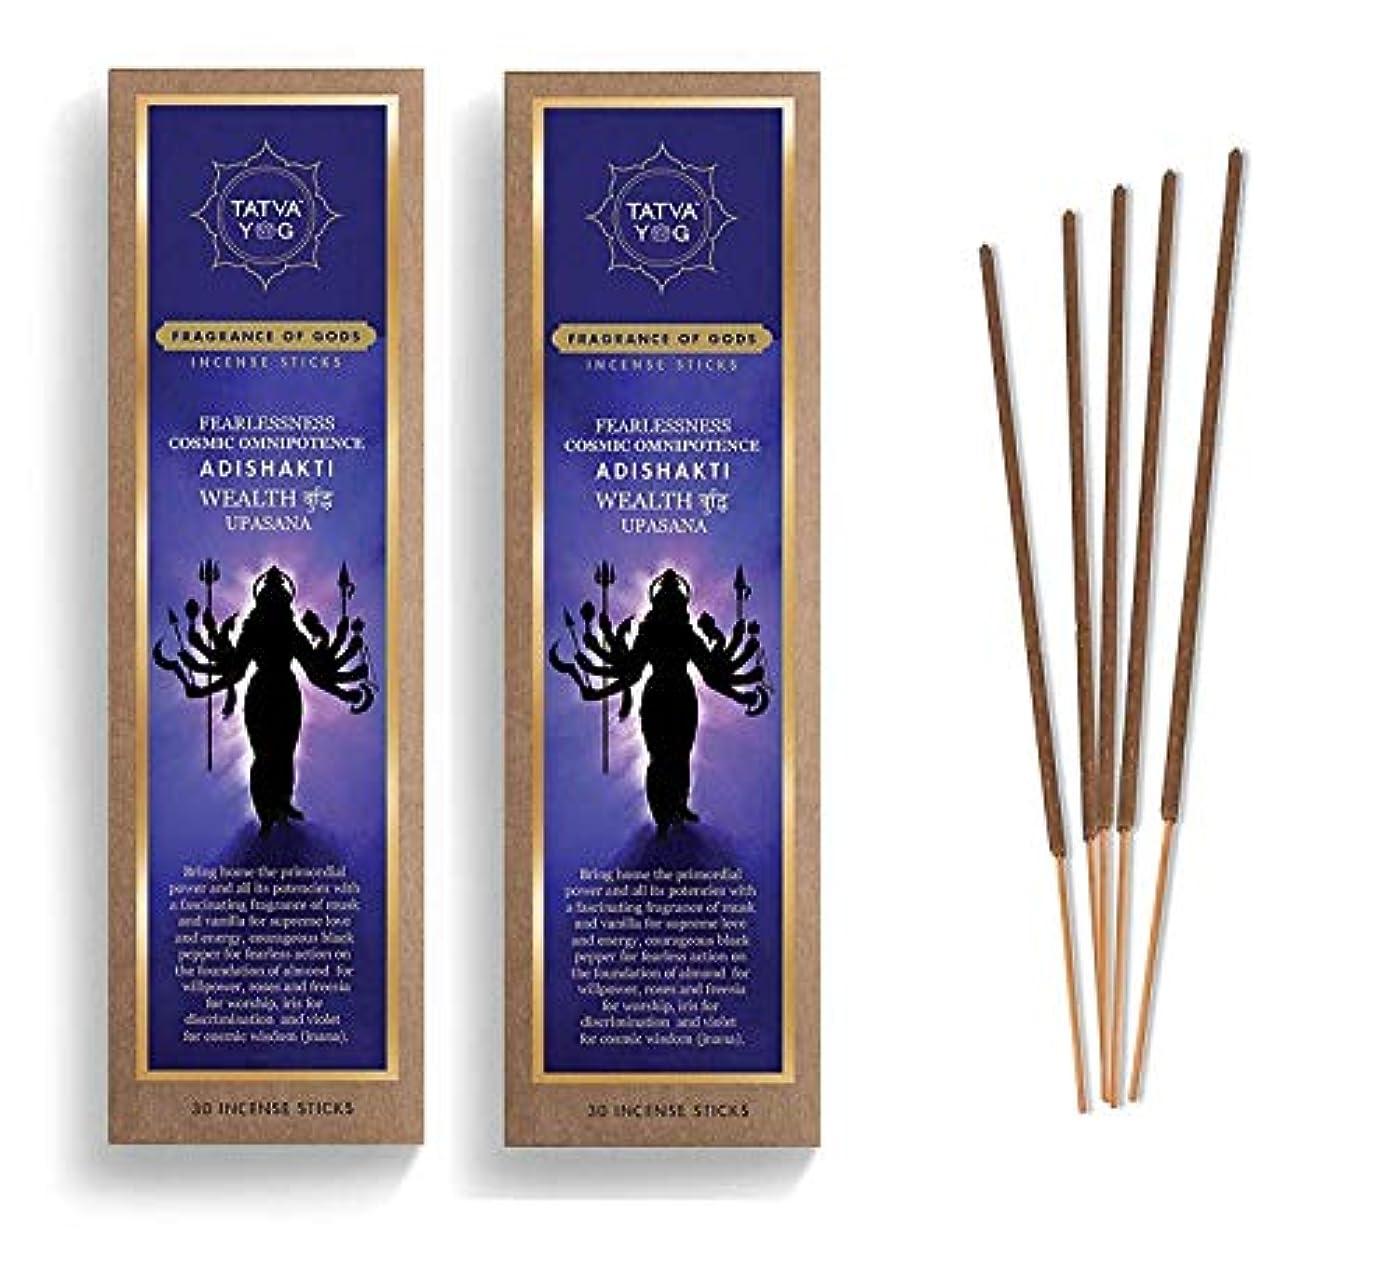 みなすおとこしないAdishakti Long Lasting Incense Sticks for Daily Pooja|Festive|Office|Scented Natural Agarbatti for Positive Energy & Good Health & Wealth (Pack of 2 | 30 Sticks in Each Pack)